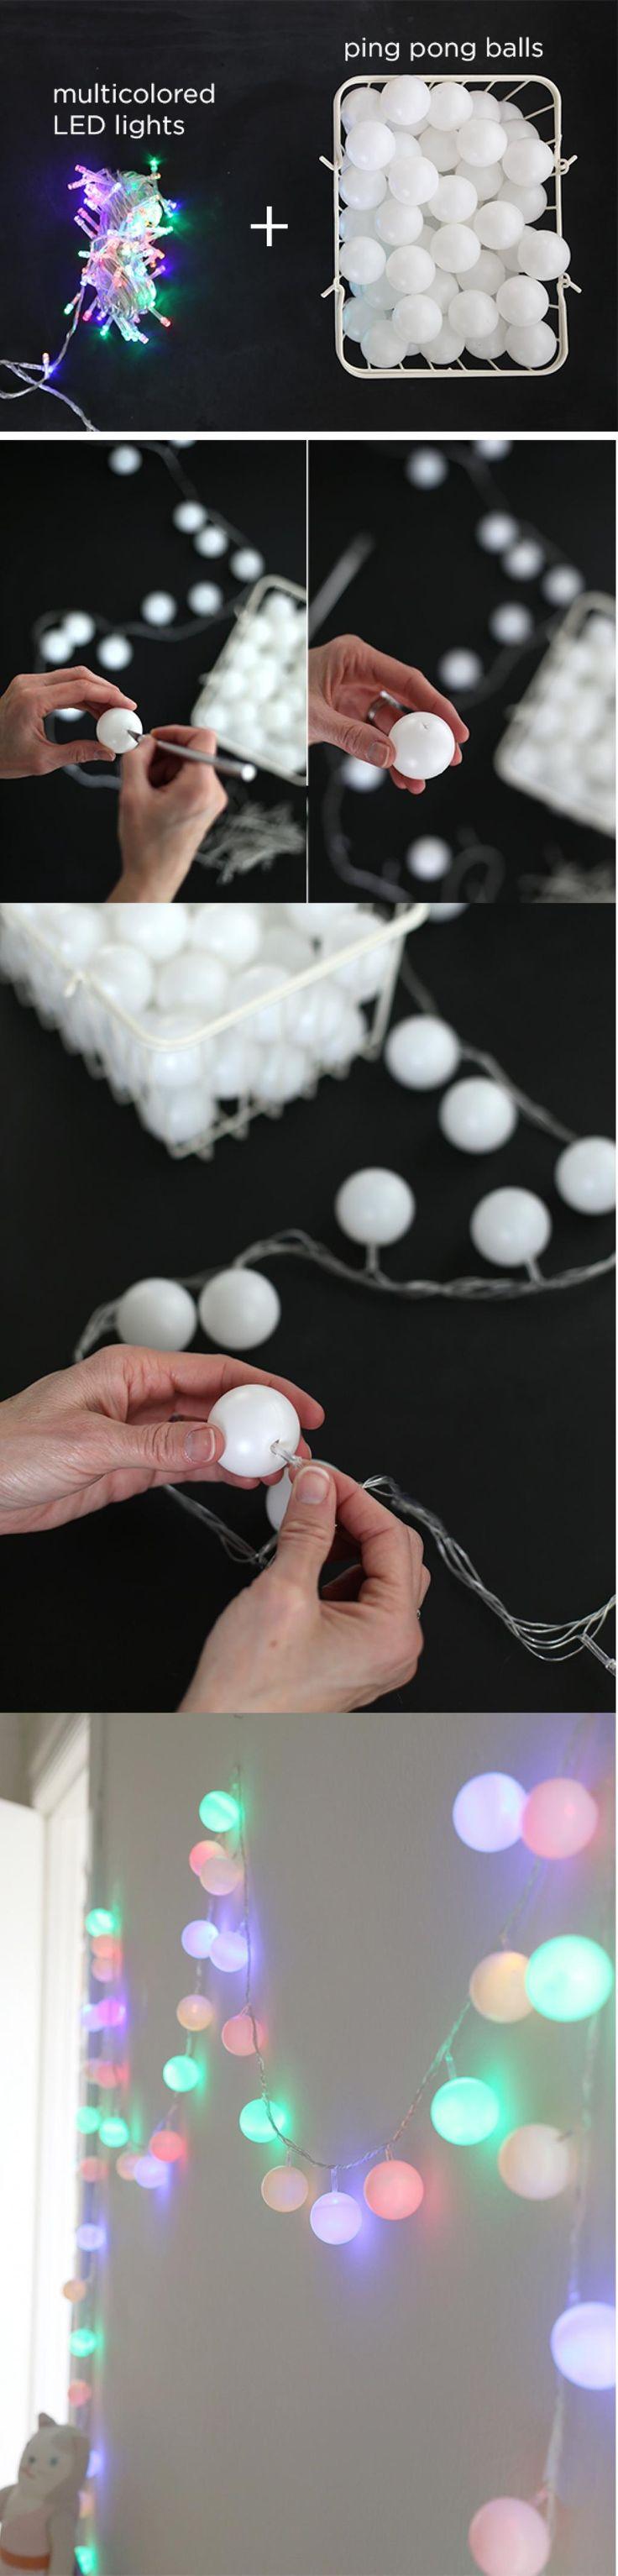 Vous trouverez sur le net des balles de ping pong à vendre pour presque rien! Environs 20$ pour 100 balles! Ensuite vous aurez besoin de jeux de lumières avec des ampoules au DEL. Les ampoules au DEL ne dégagent presque pas de chaleur. On en retrouve